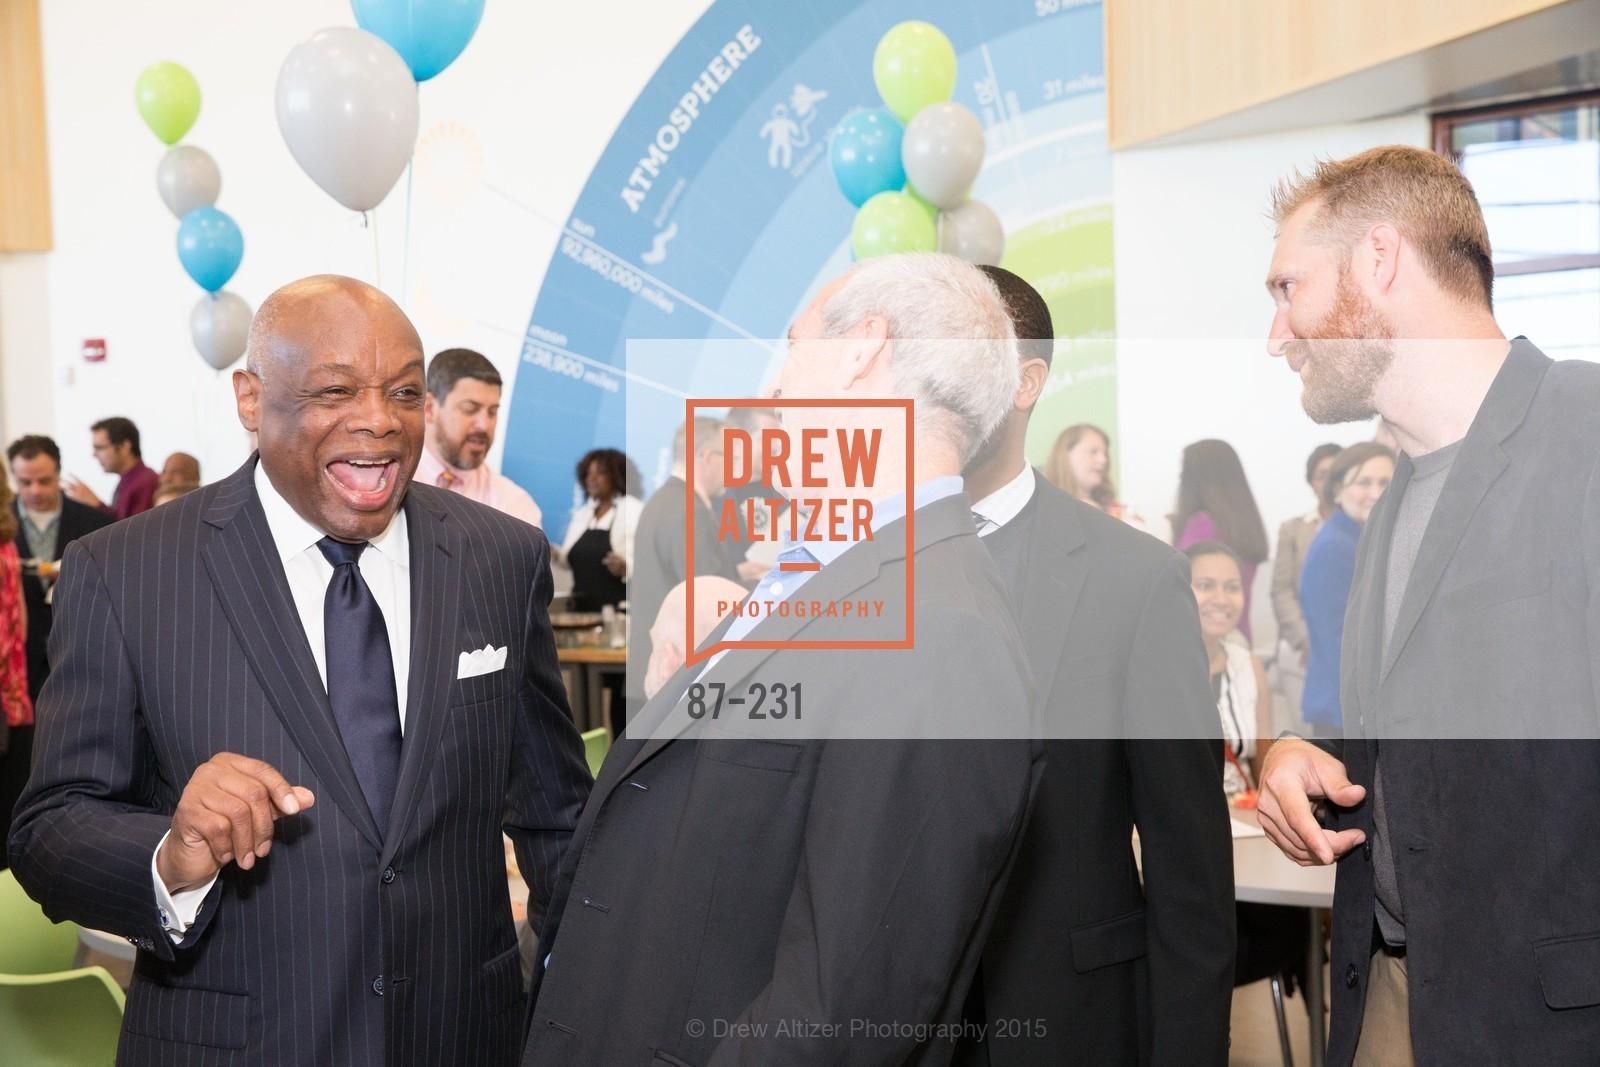 Willie Brown, Photo #87-231